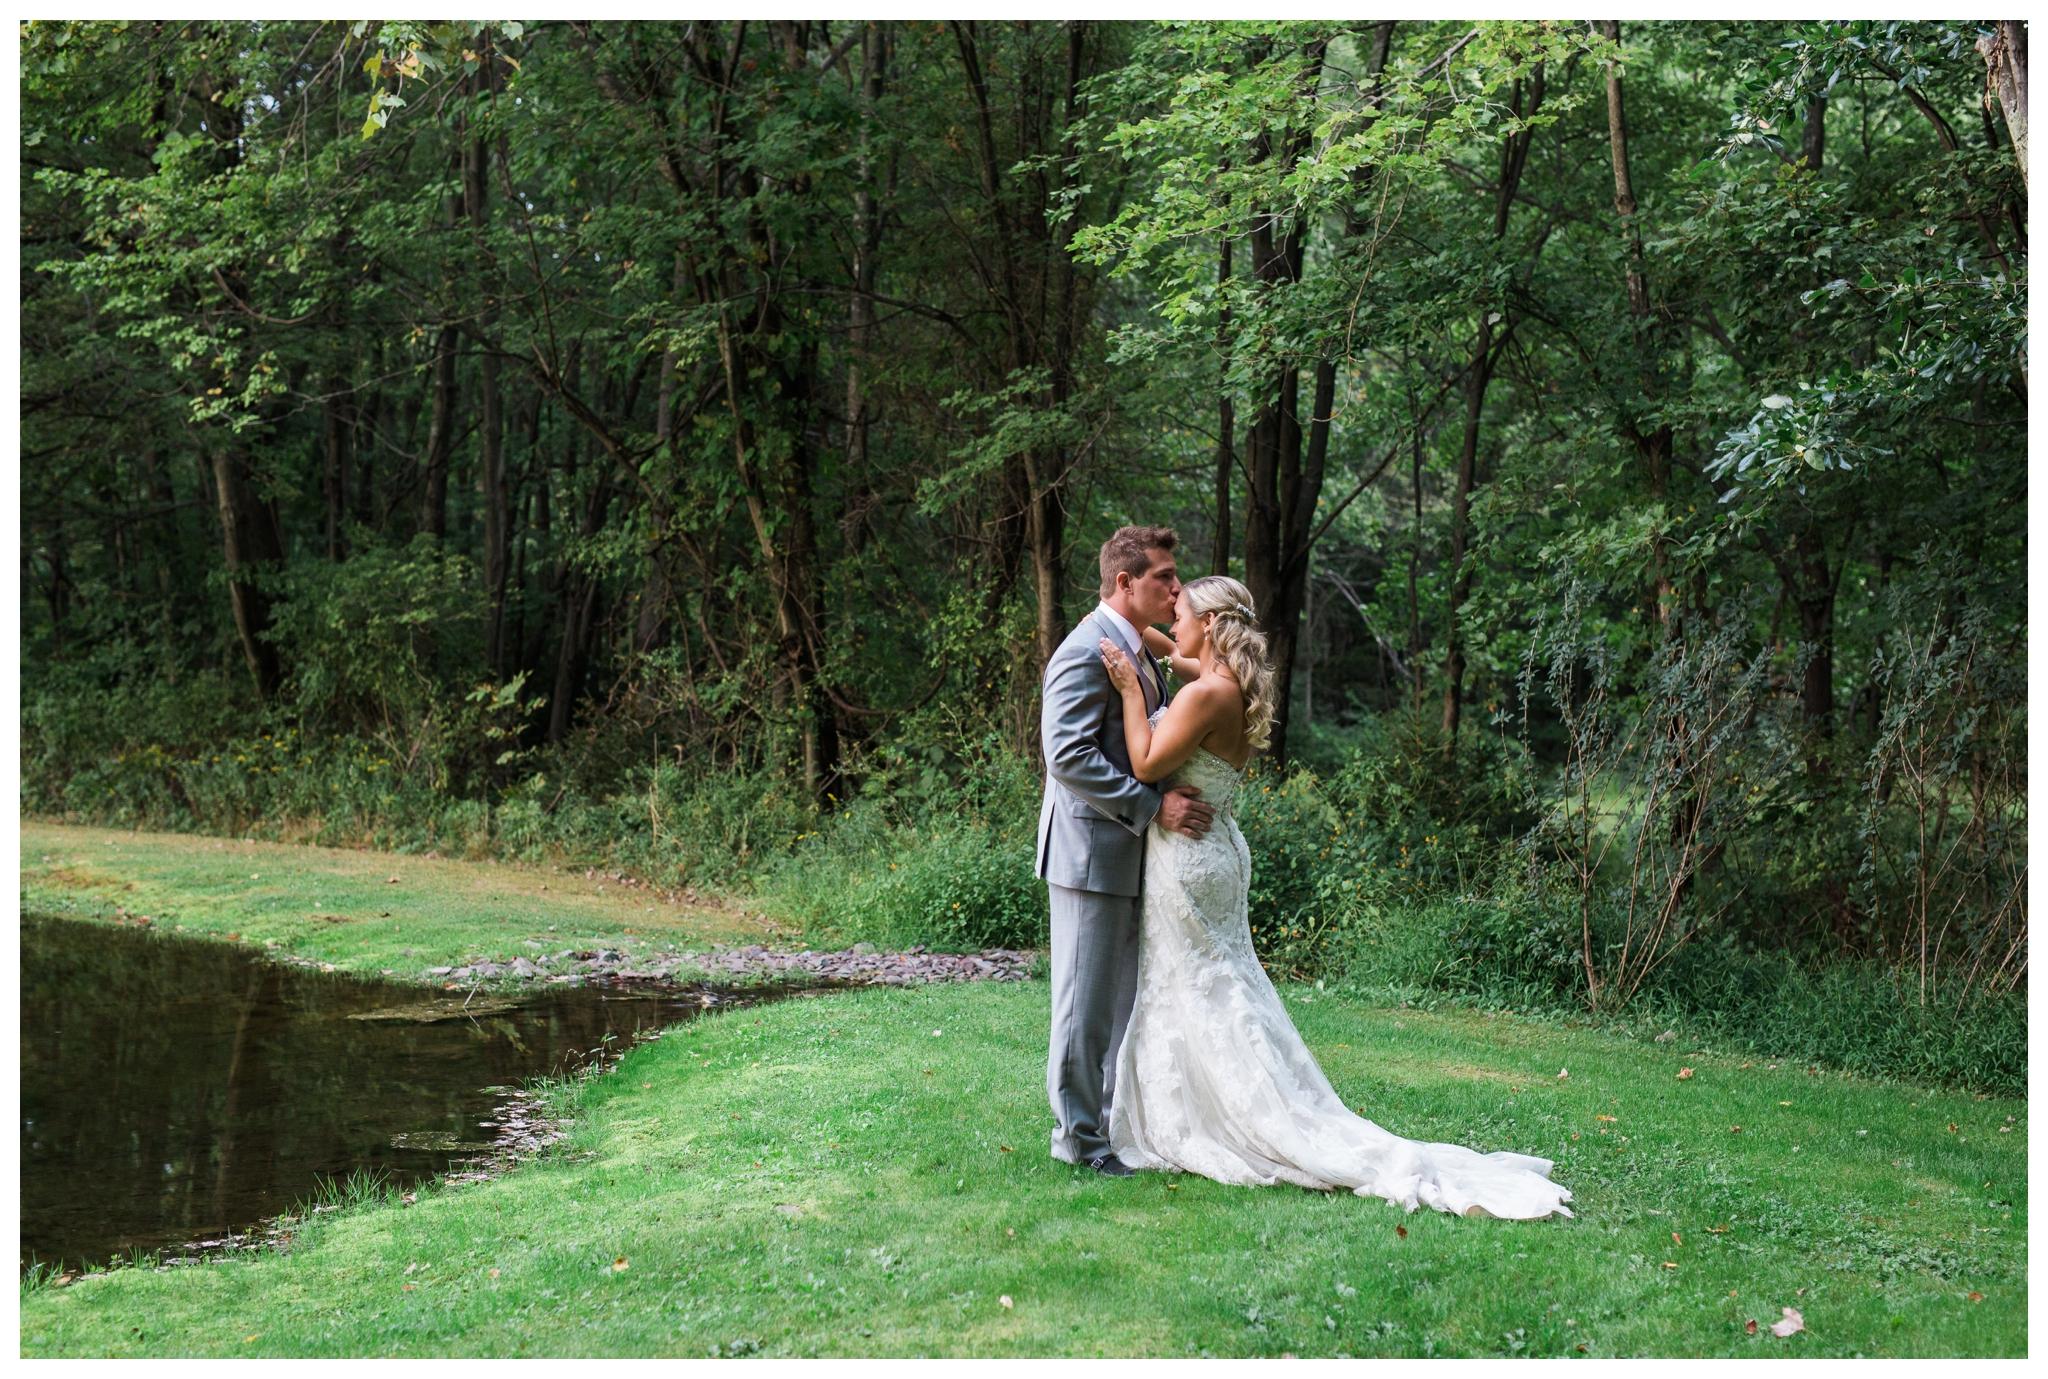 lodge-at-mountain-springs-lake-wedding_0030.jpg